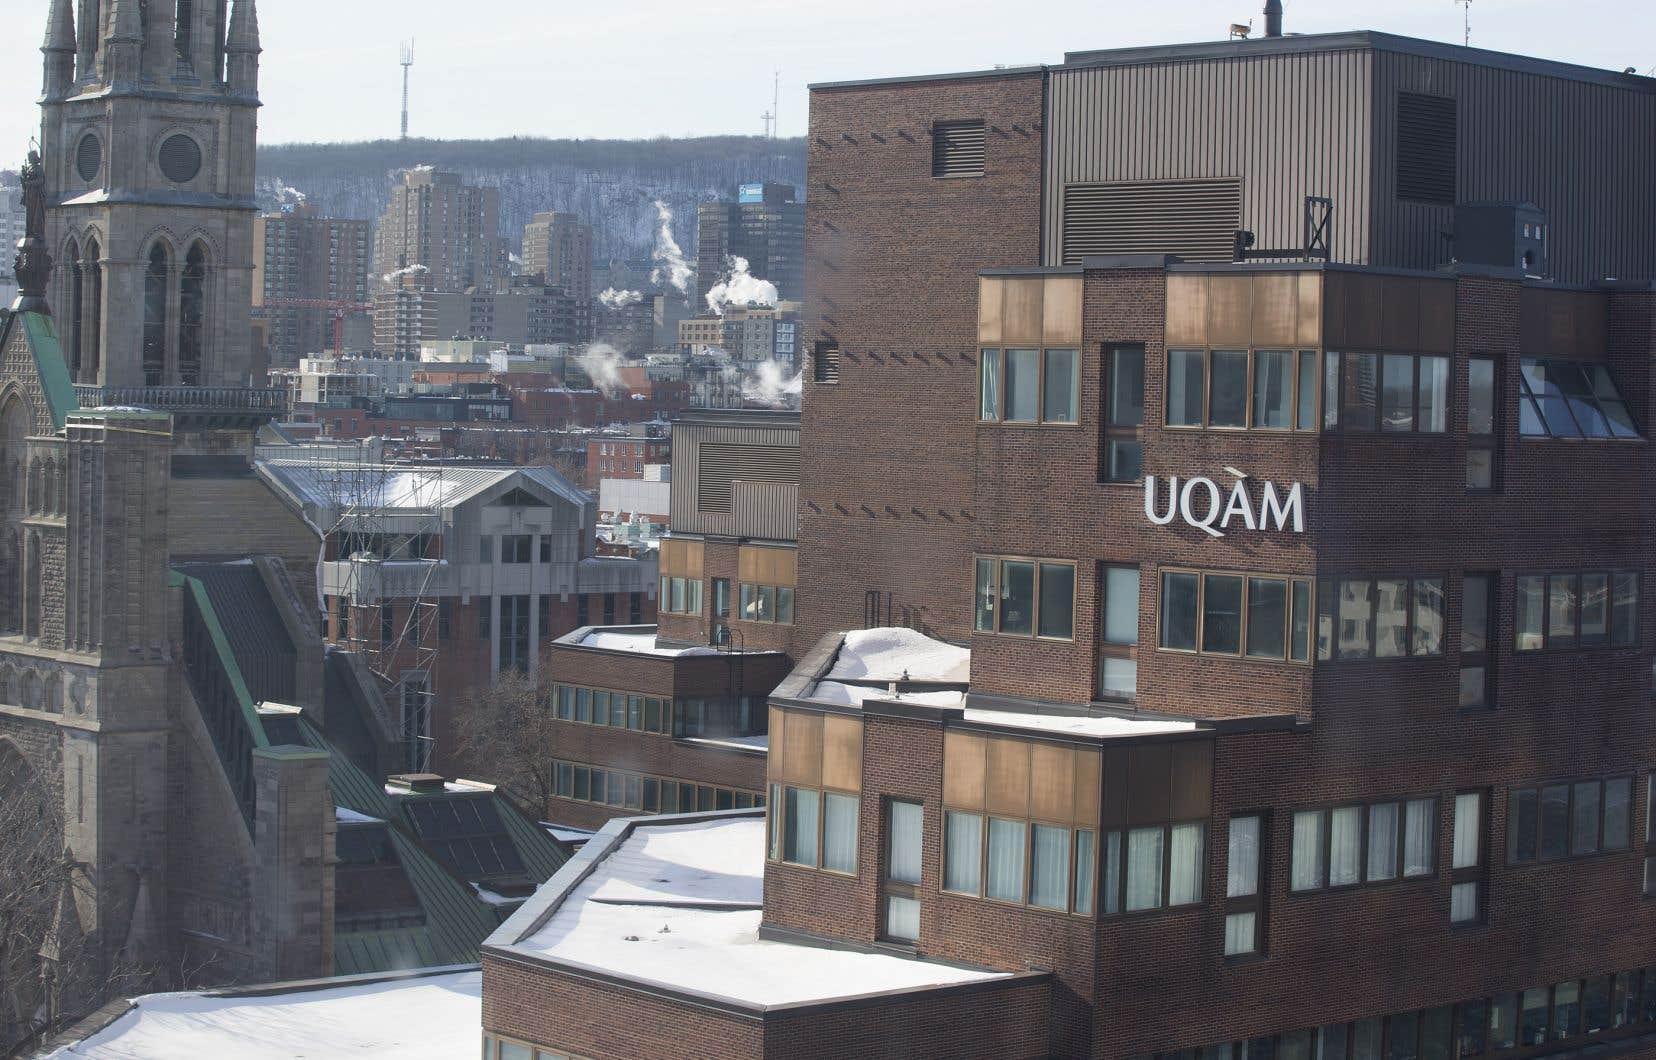 L'UQAM fait partie du réseau de l'Université du Québec, qui célèbre son 50e anniversaire.